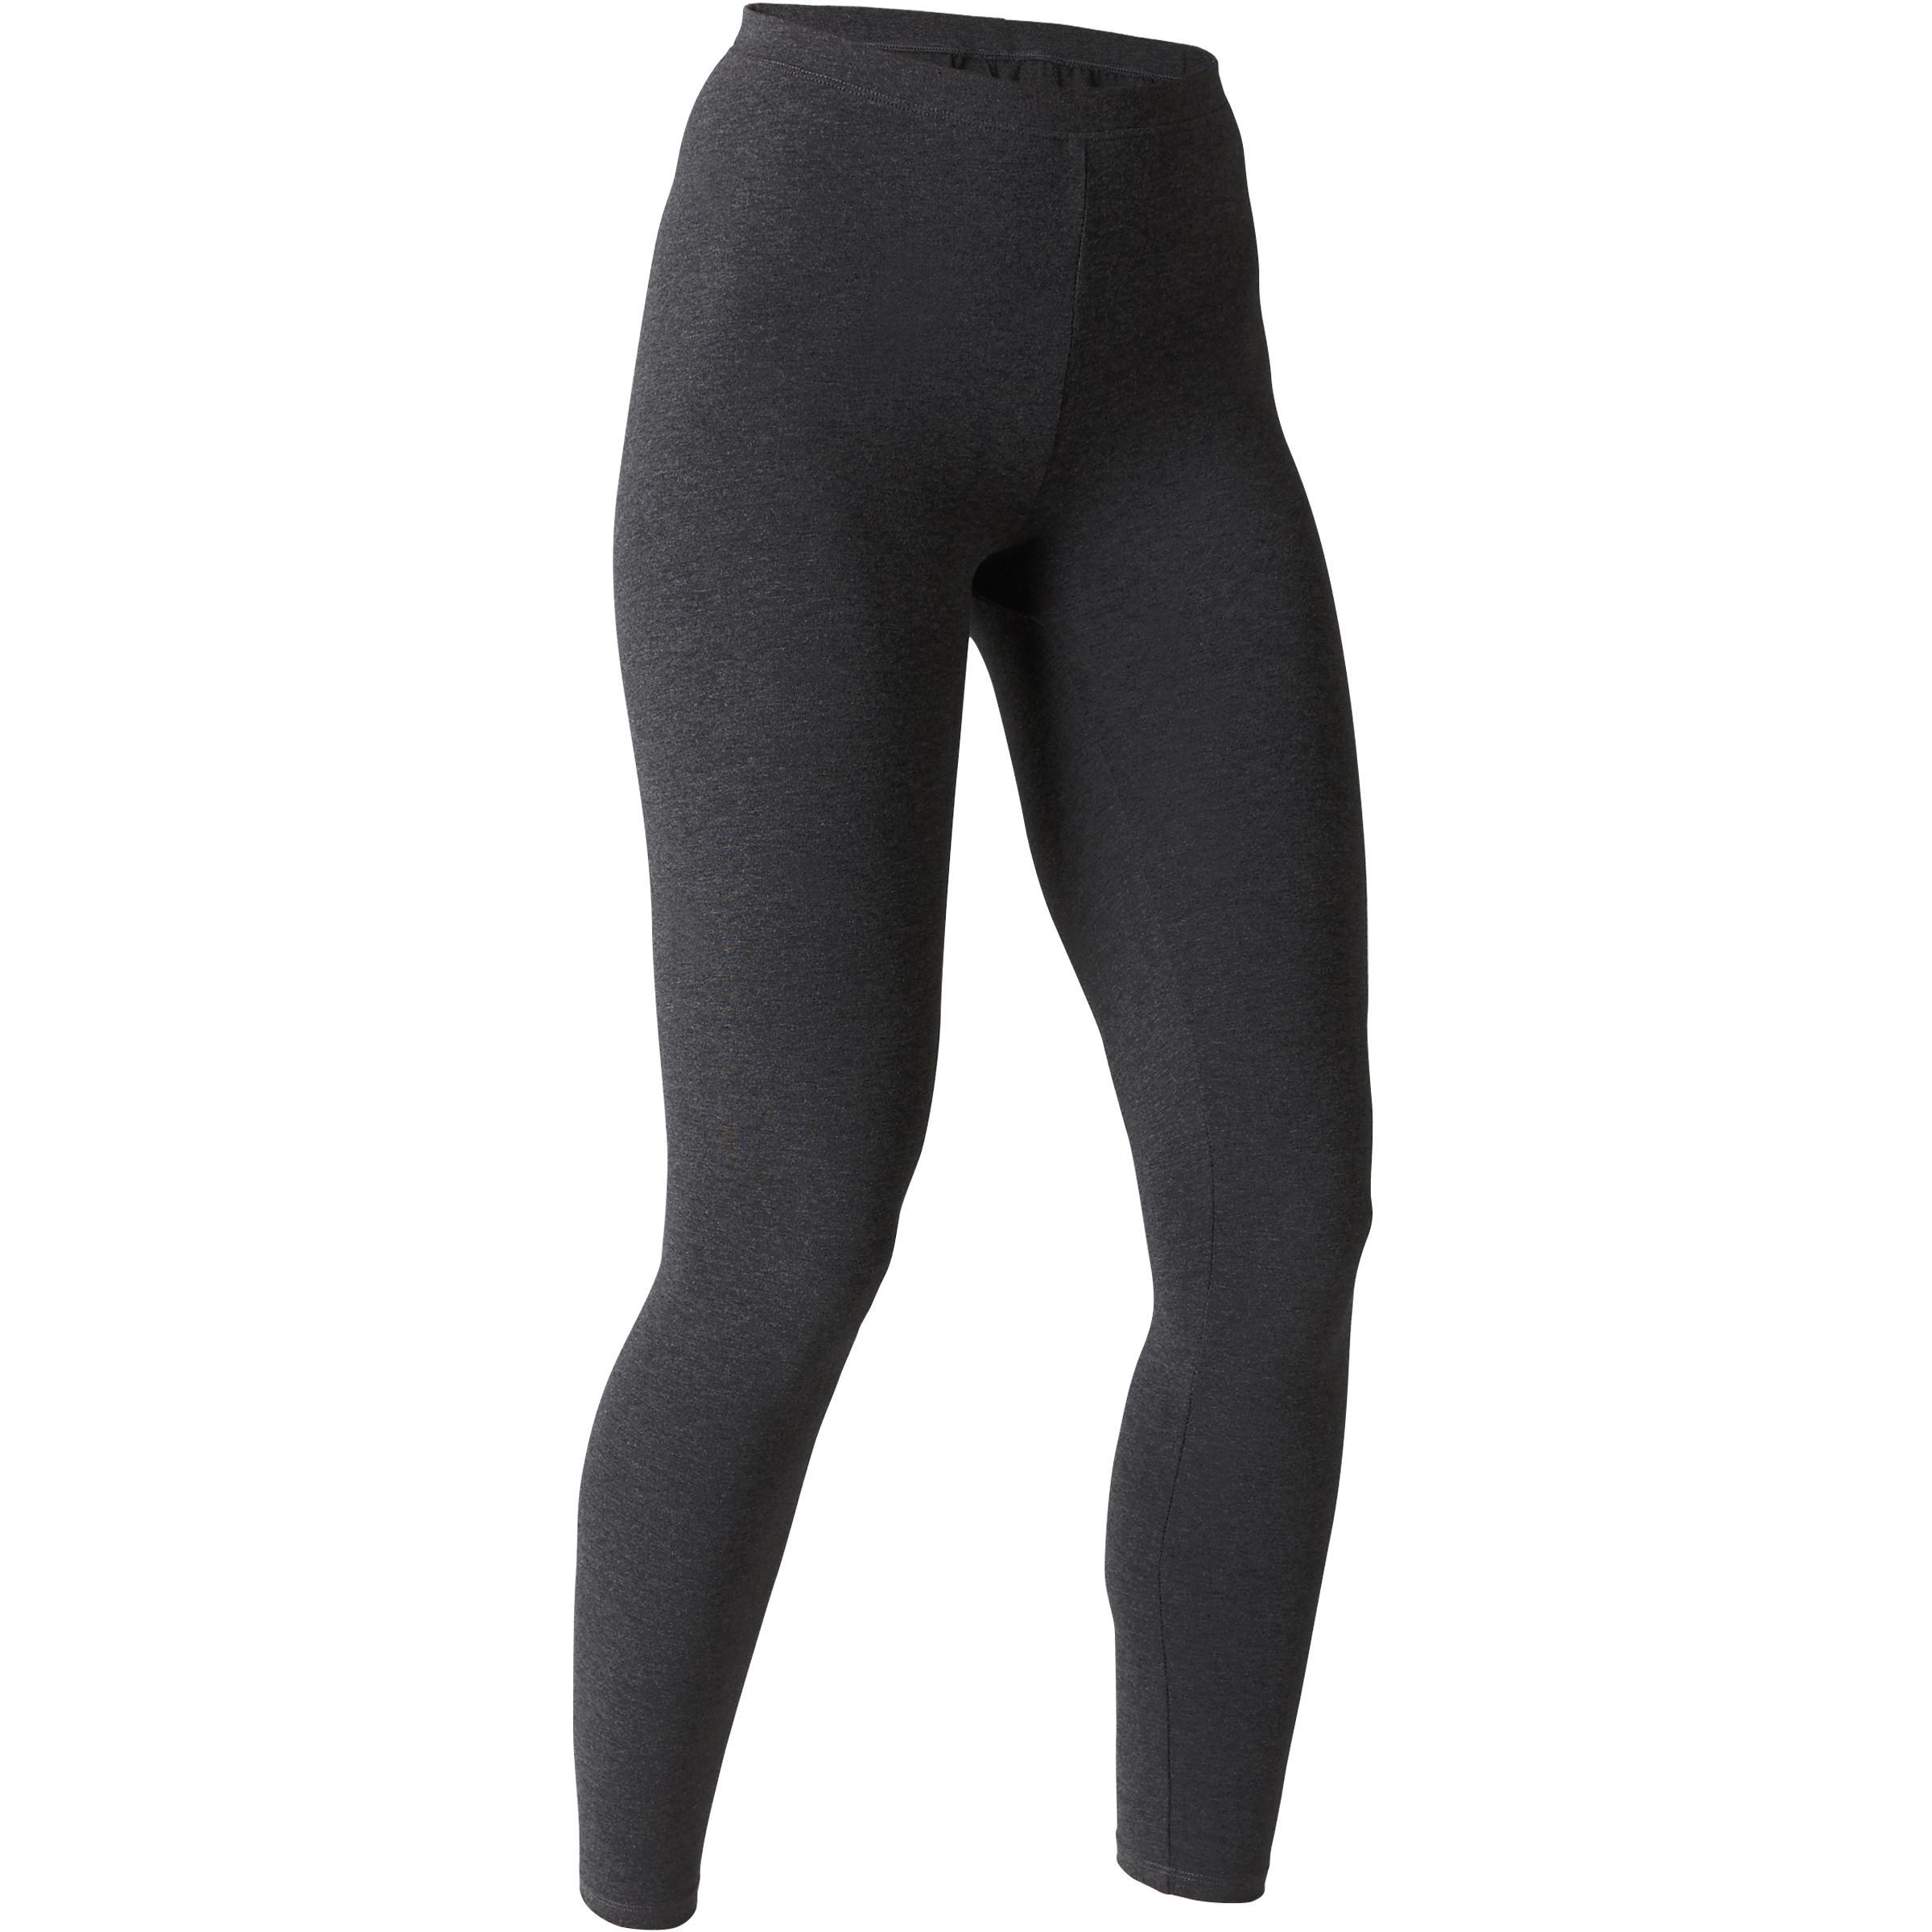 Legging Extensible 100 slim Gym étirements femme gris